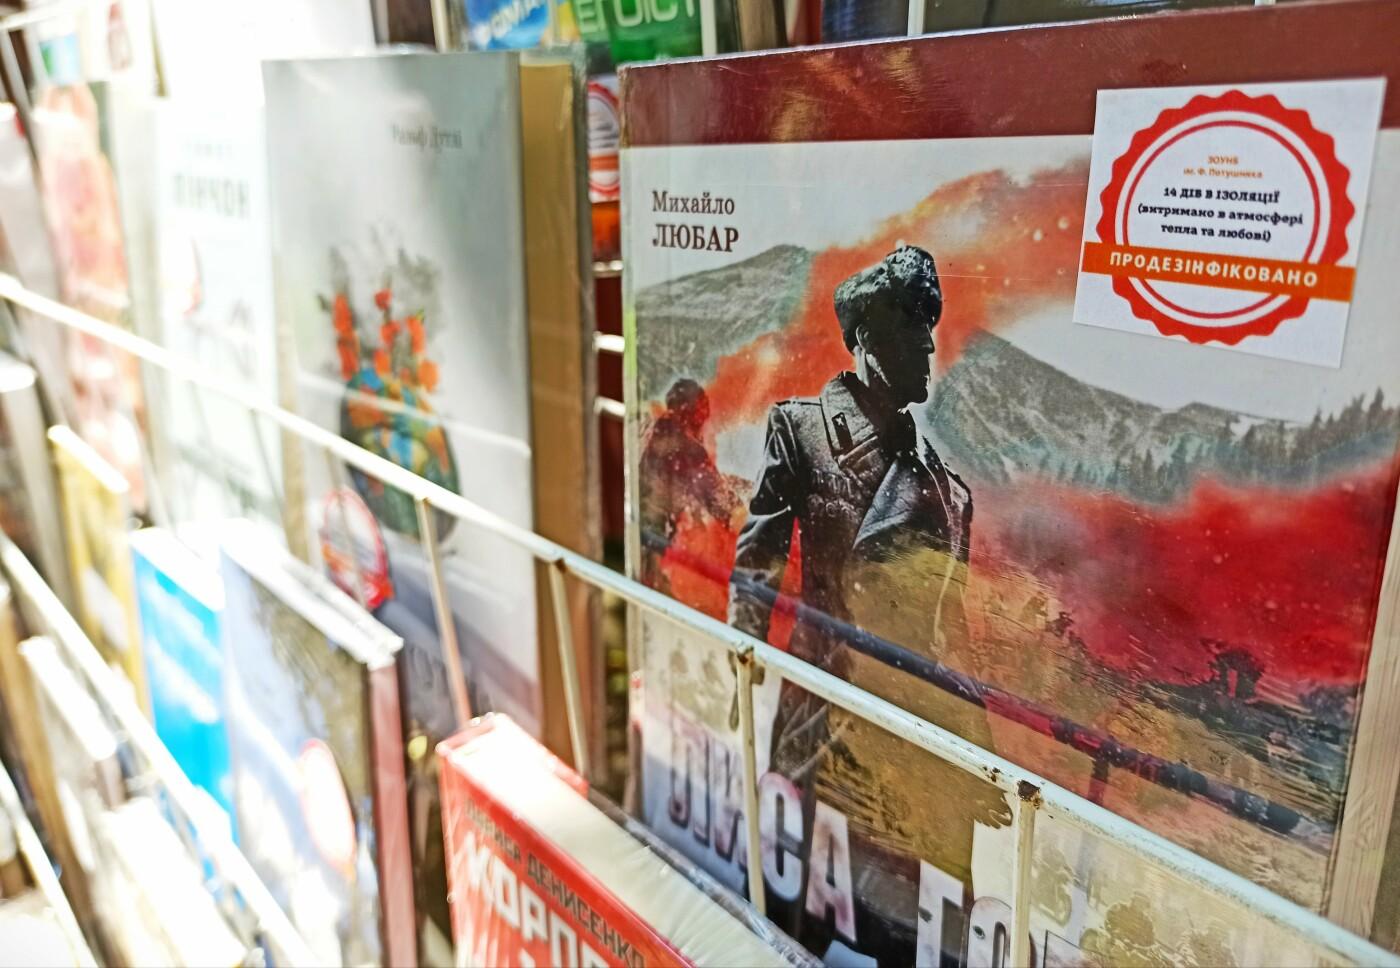 11 травня з 10:00 до 18:00 відбудеться вулична акція «Капуркова книжка-8». Організатори: Закарпатська обласна бібліотека та волонтерська організація «Барбос».